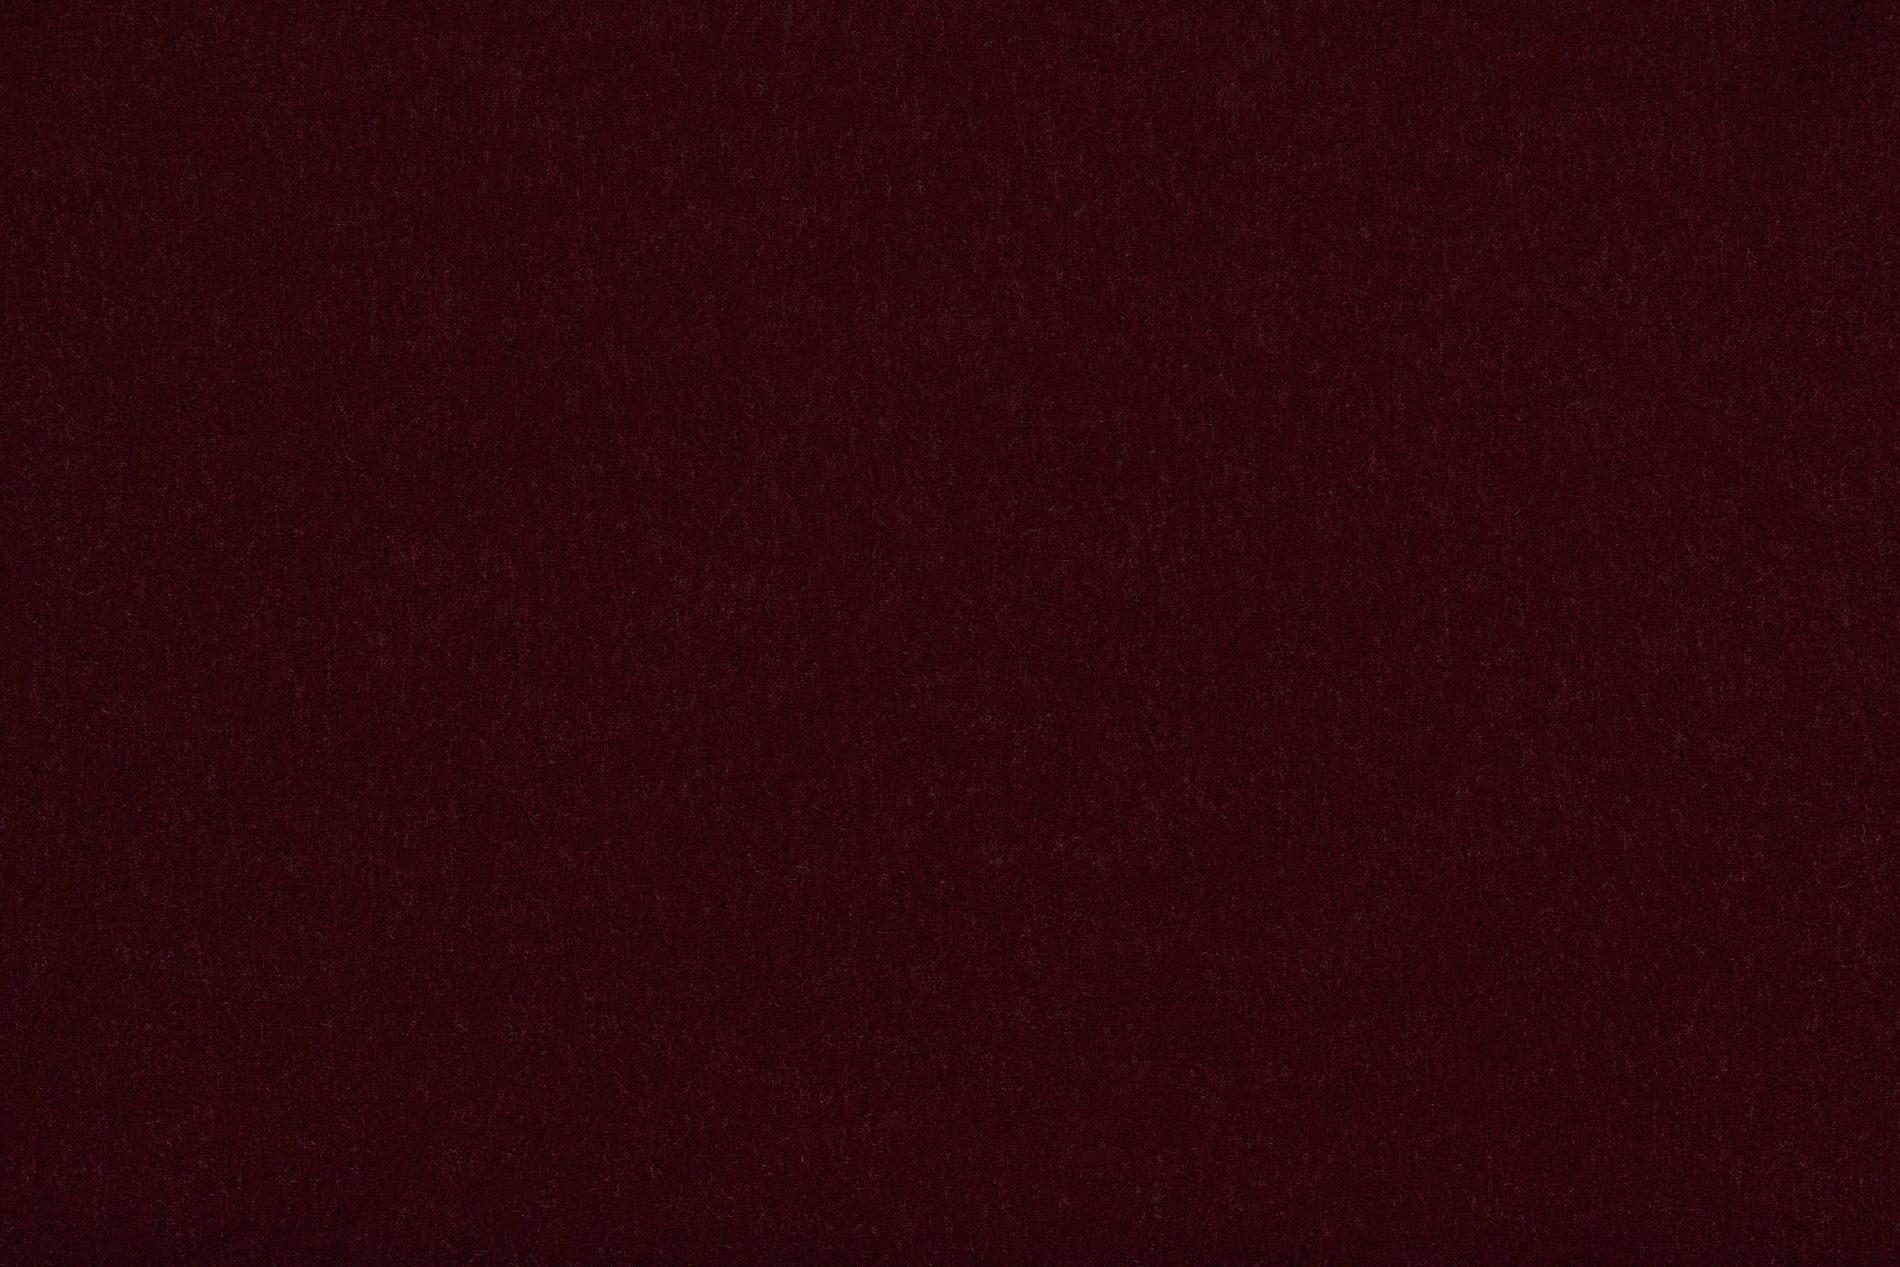 Classic 440 Brushed Merino wool (118/4040)